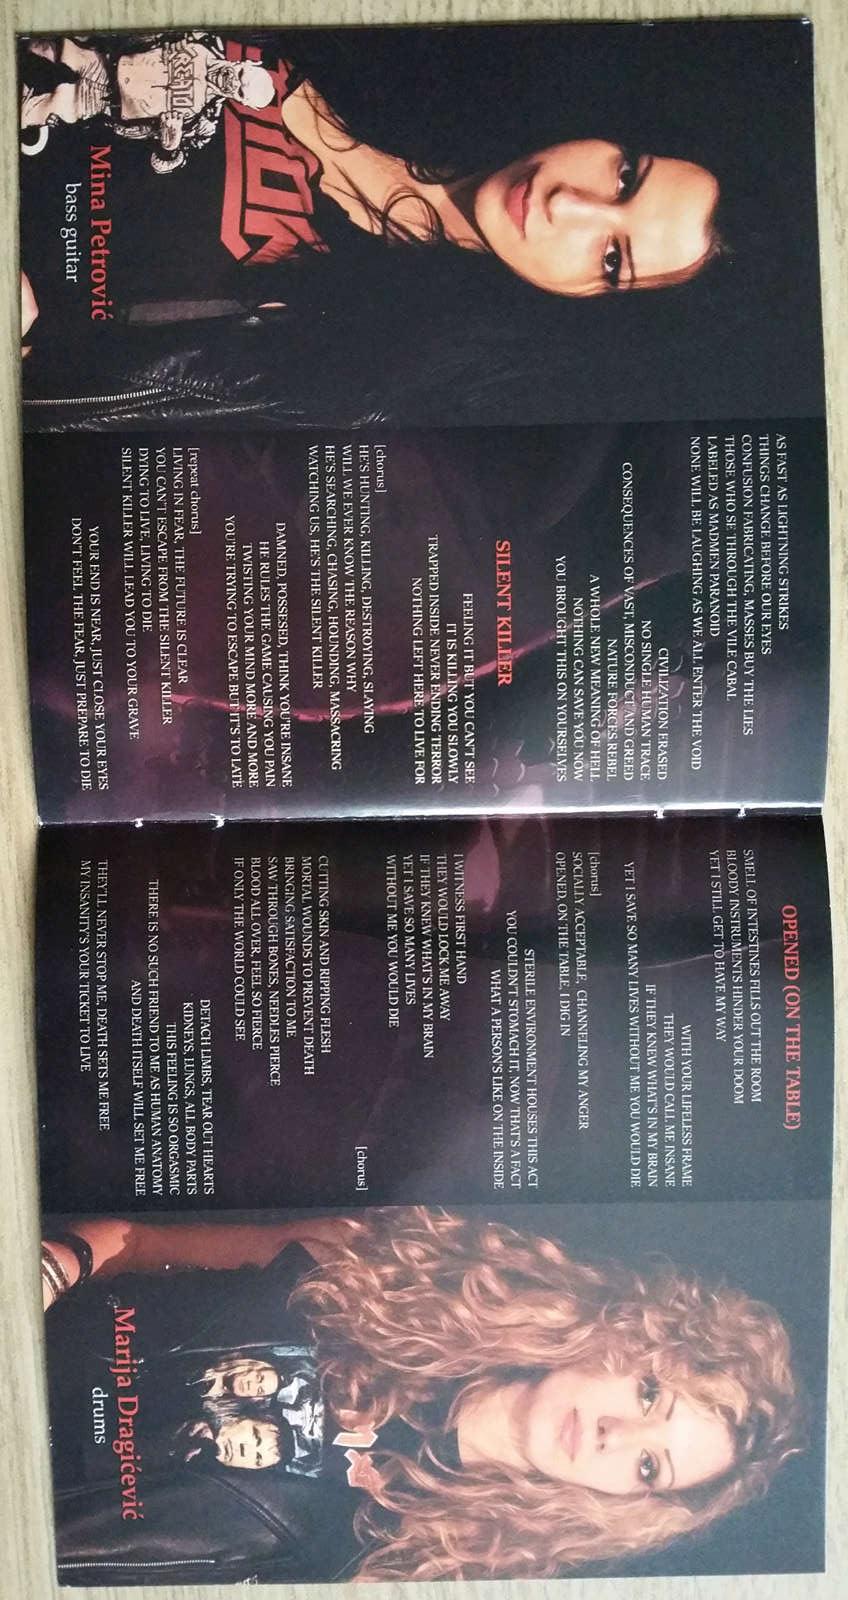 Quels sont vos derniers Achats Metal ? - Page 20 Jenner10